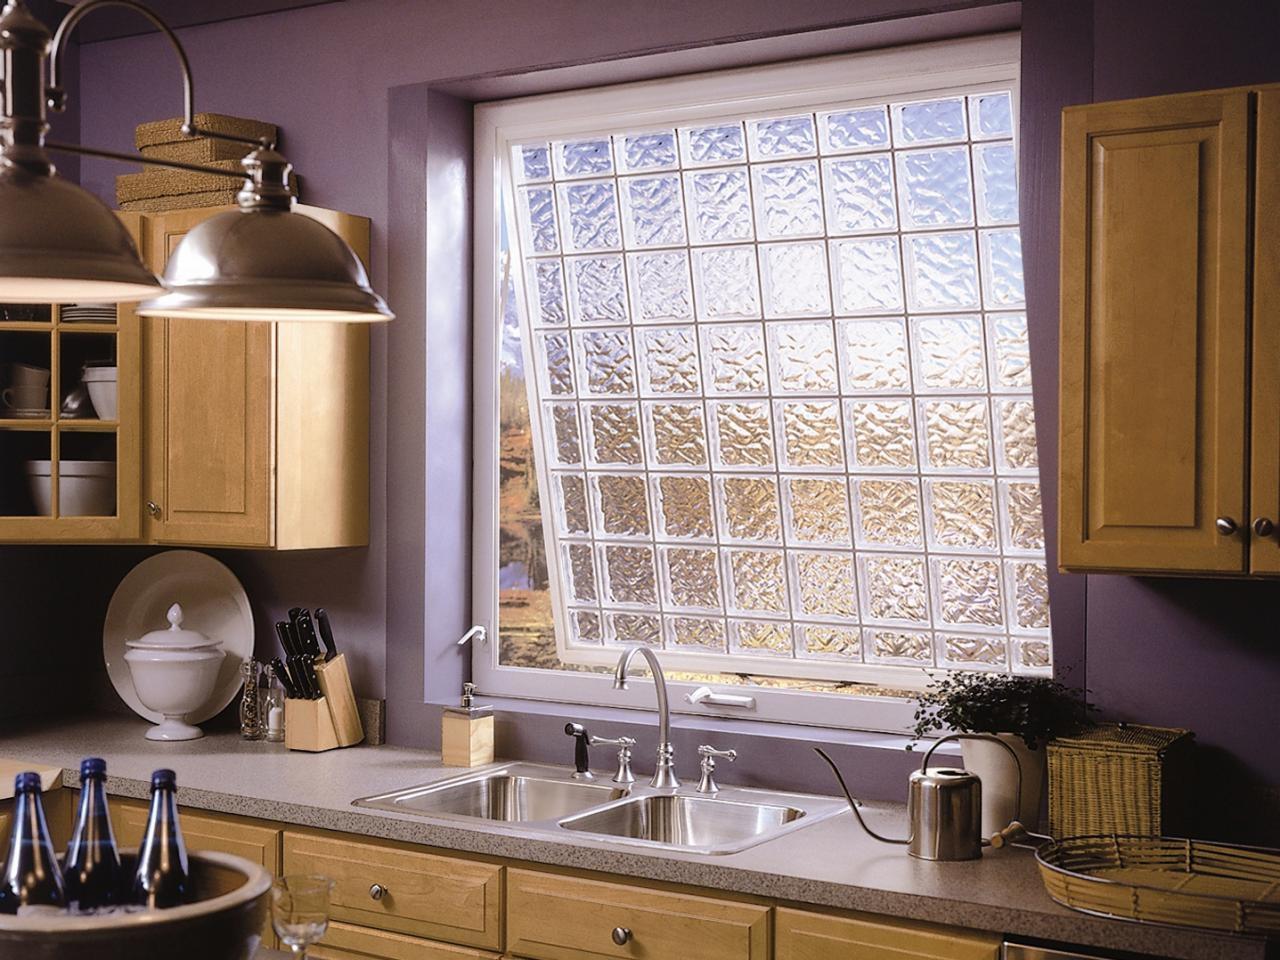 Рельефное стекло позволяться отказаться от занавесок, особенно в темных помещениях